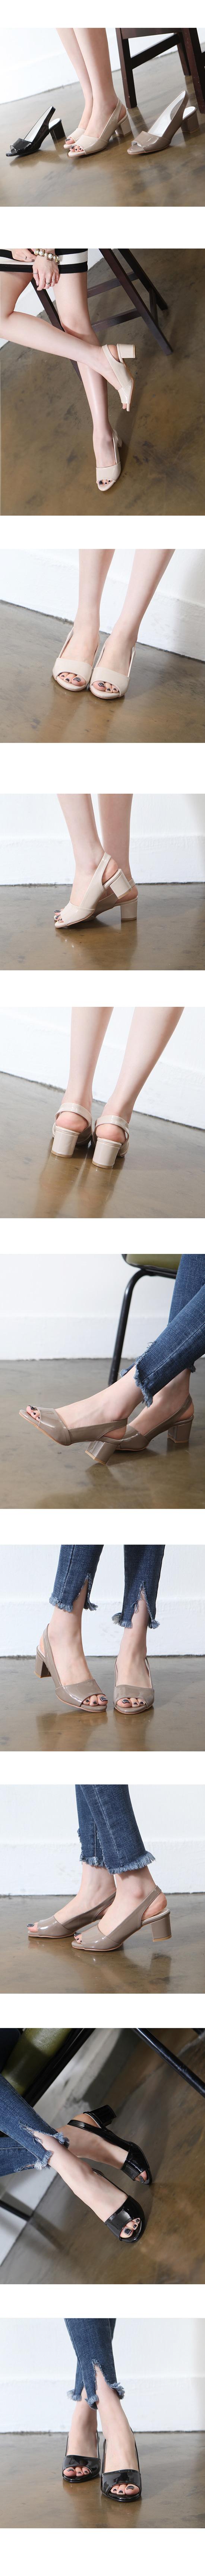 Enamel Toe Open Slingback High Heel Beige